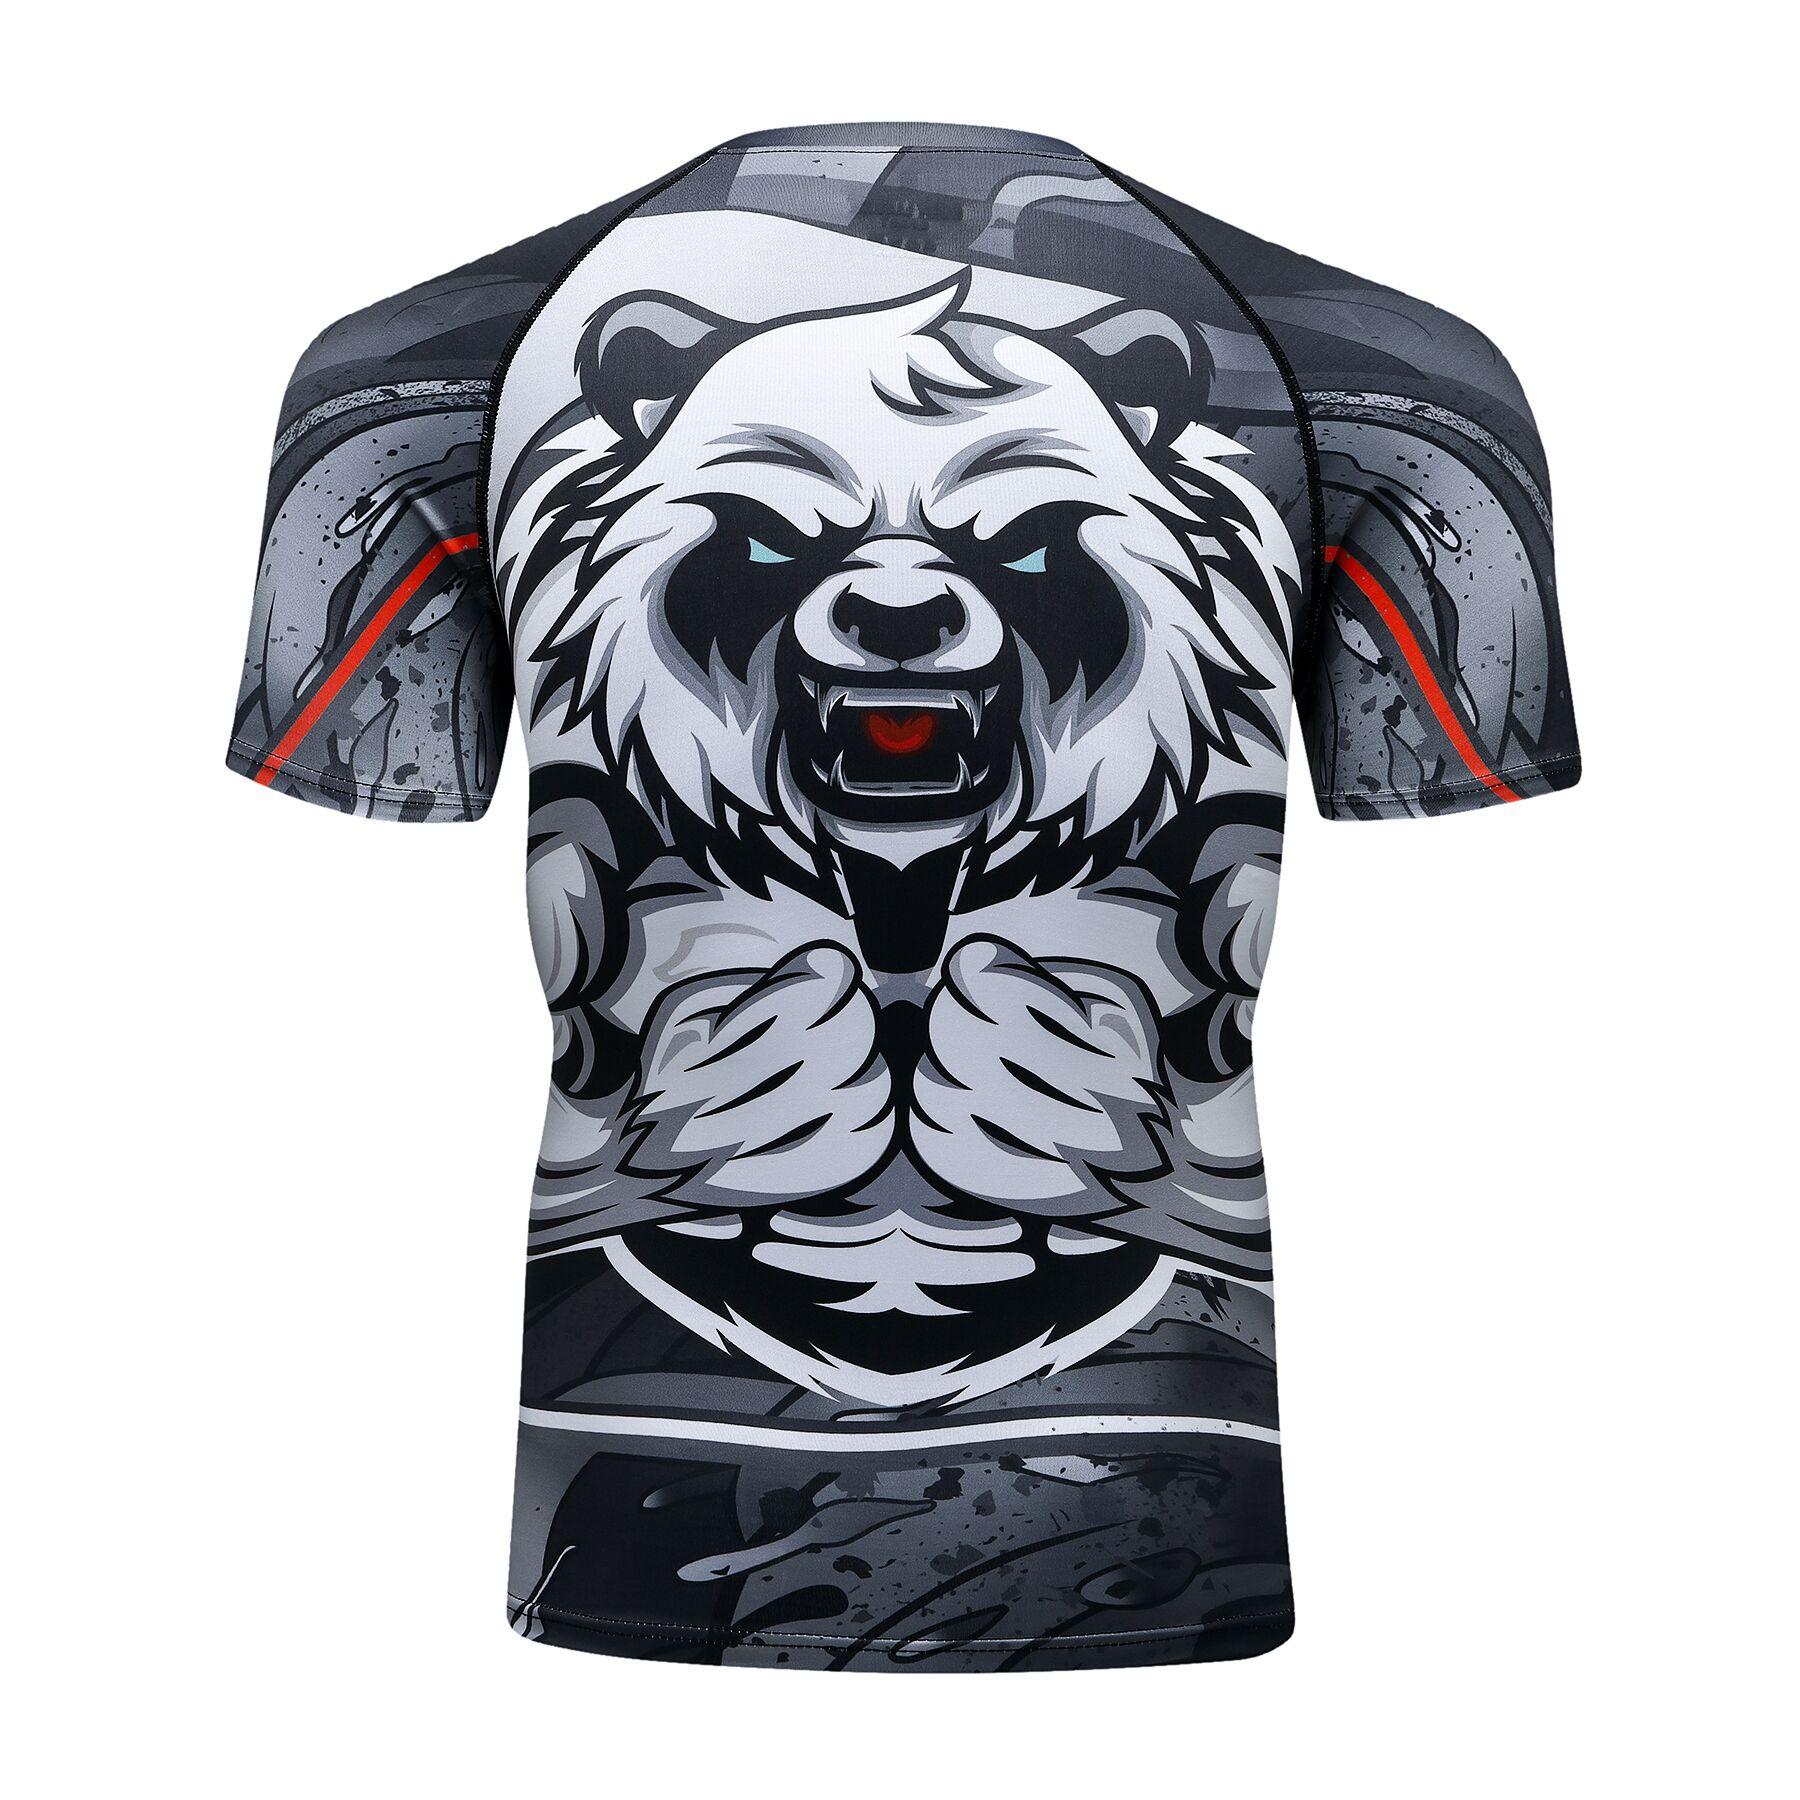 Camiseta e calça para homens, camiseta fitness